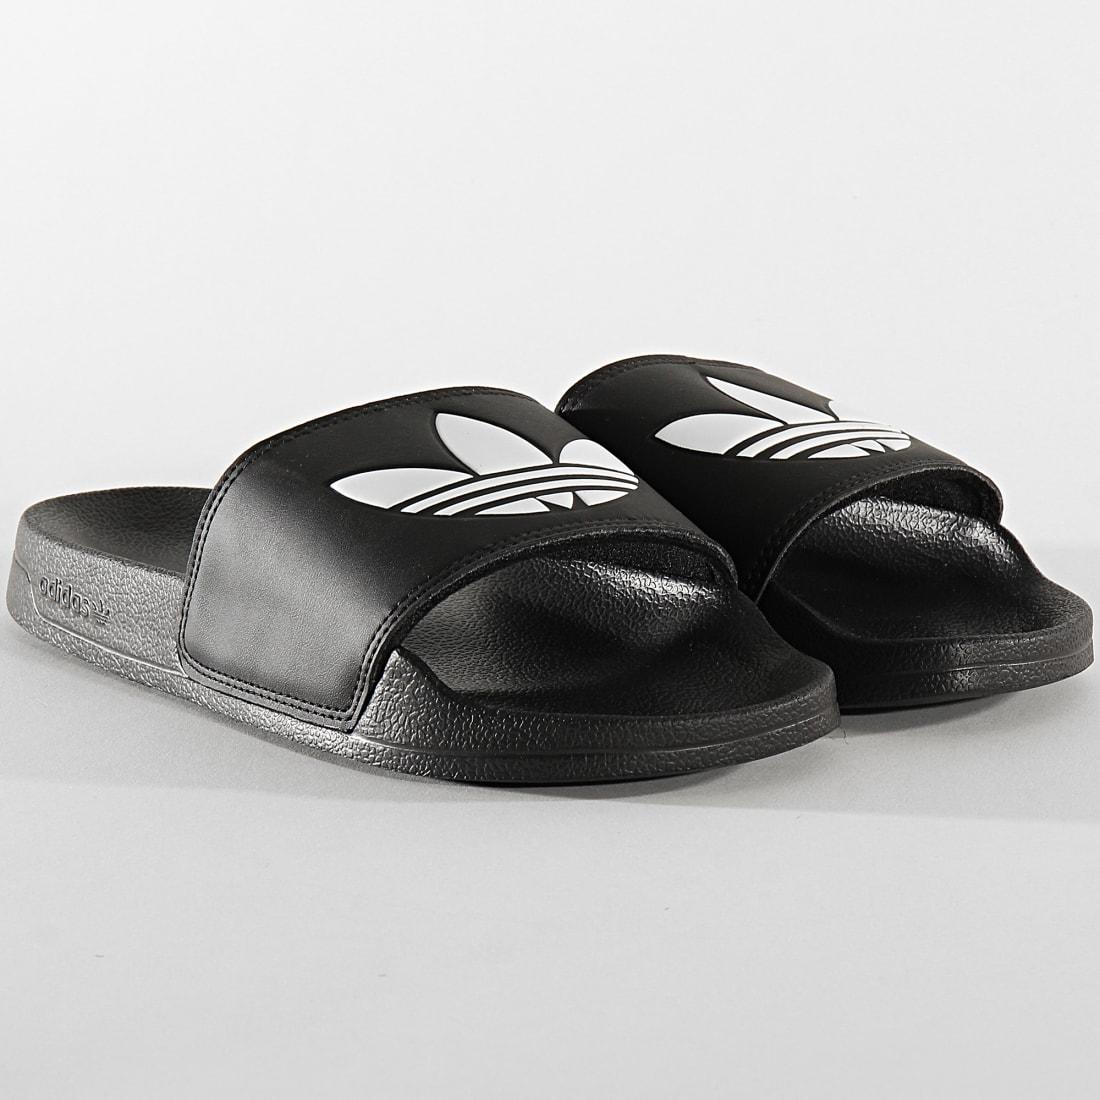 adidas Claquettes Adilette Lite FU8298 Noir